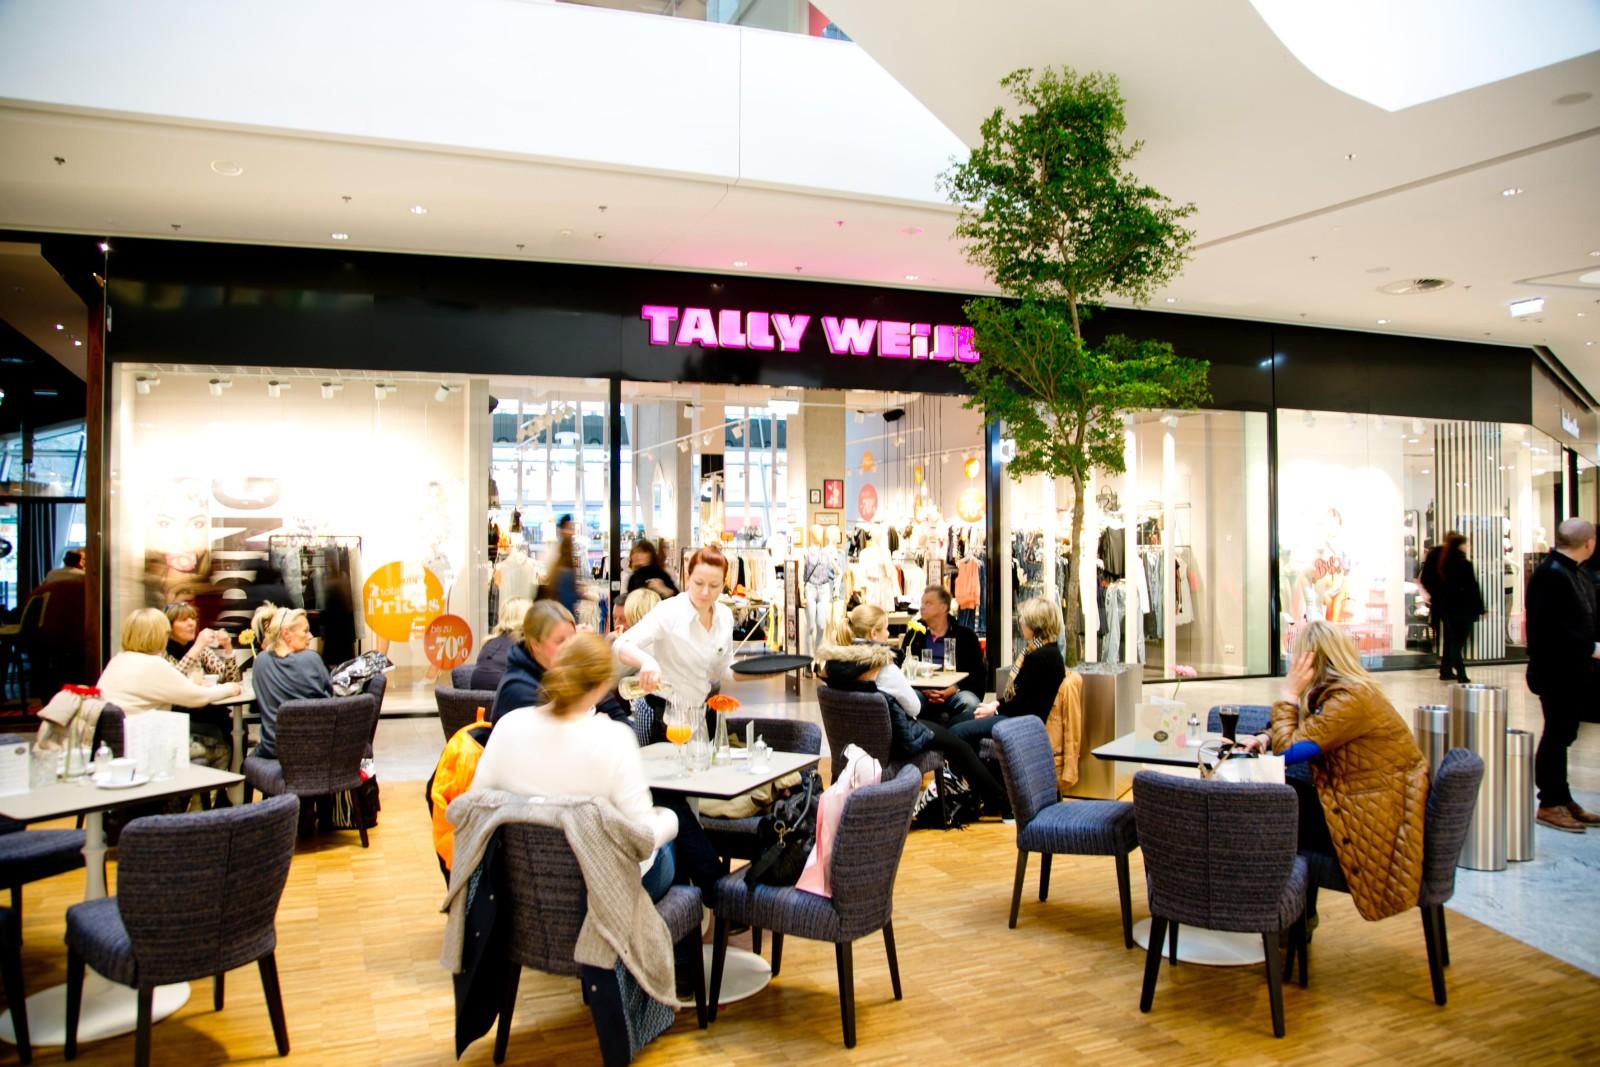 Cafe Flächen in der Mall